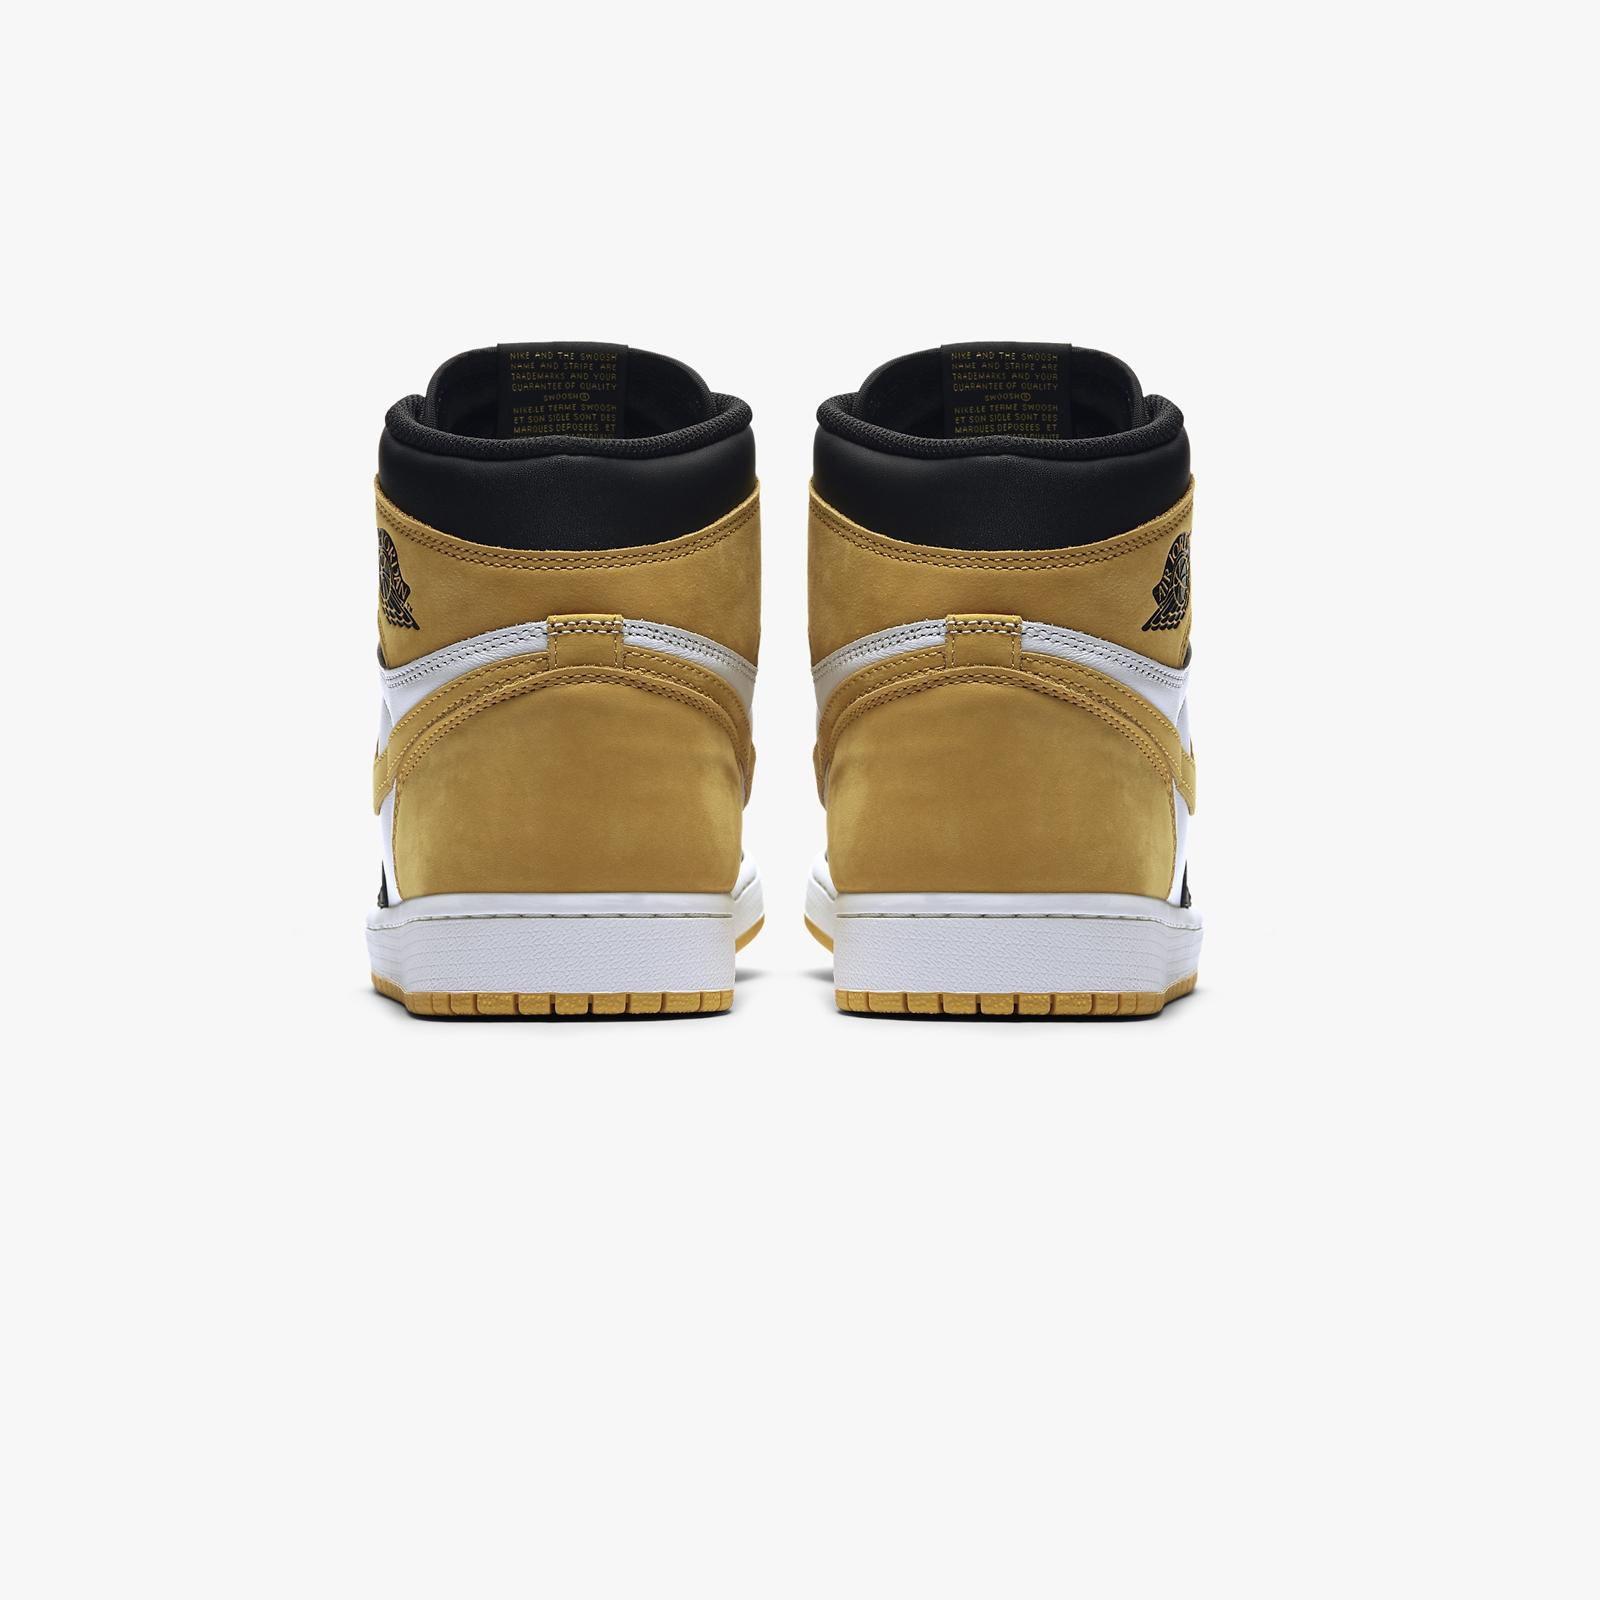 7e06de0f6d54e Jordan Brand Air Jordan 1 Retro High OG - 555088-109 ...